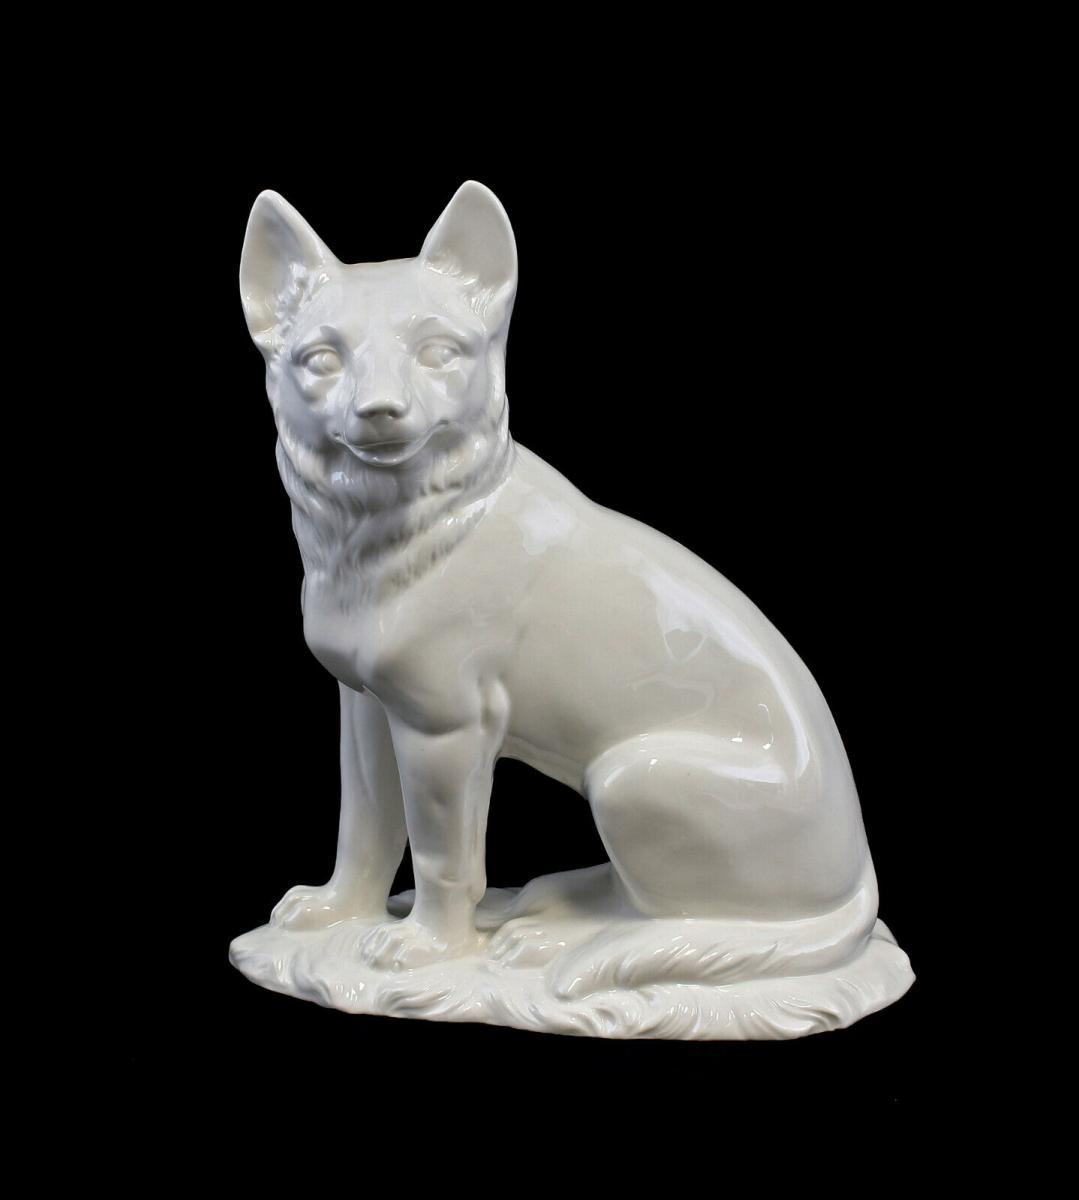 9959459 Porzellan Figur Fuchs weiß Ens 17,5x9x21,5cm